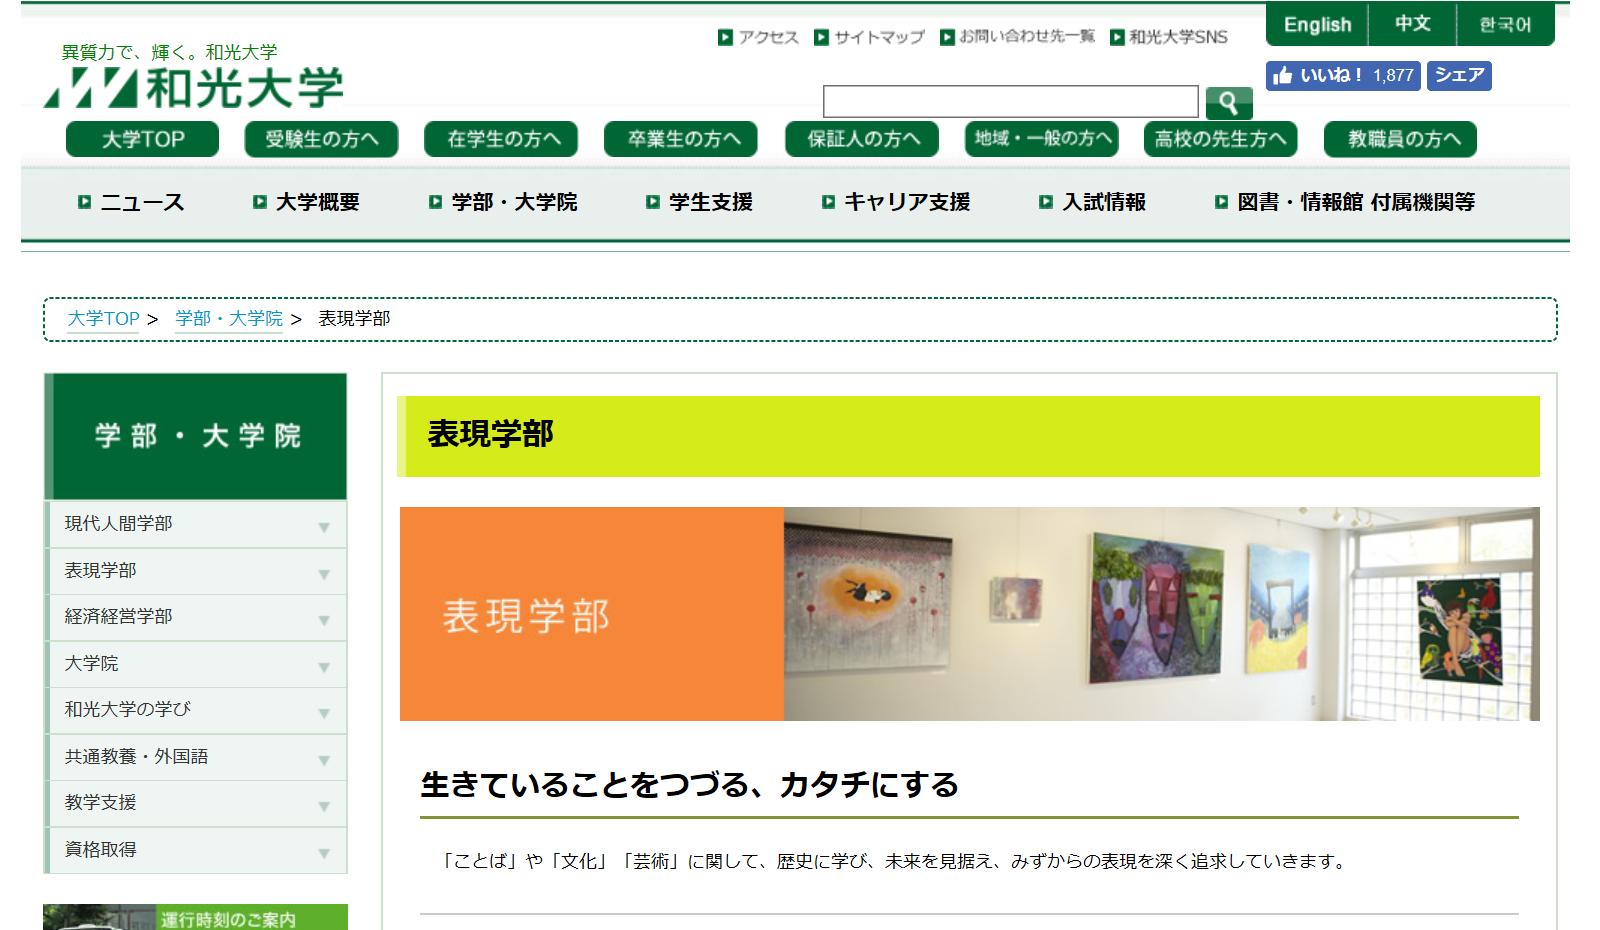 和光大学の評判・口コミ【表現学部編】